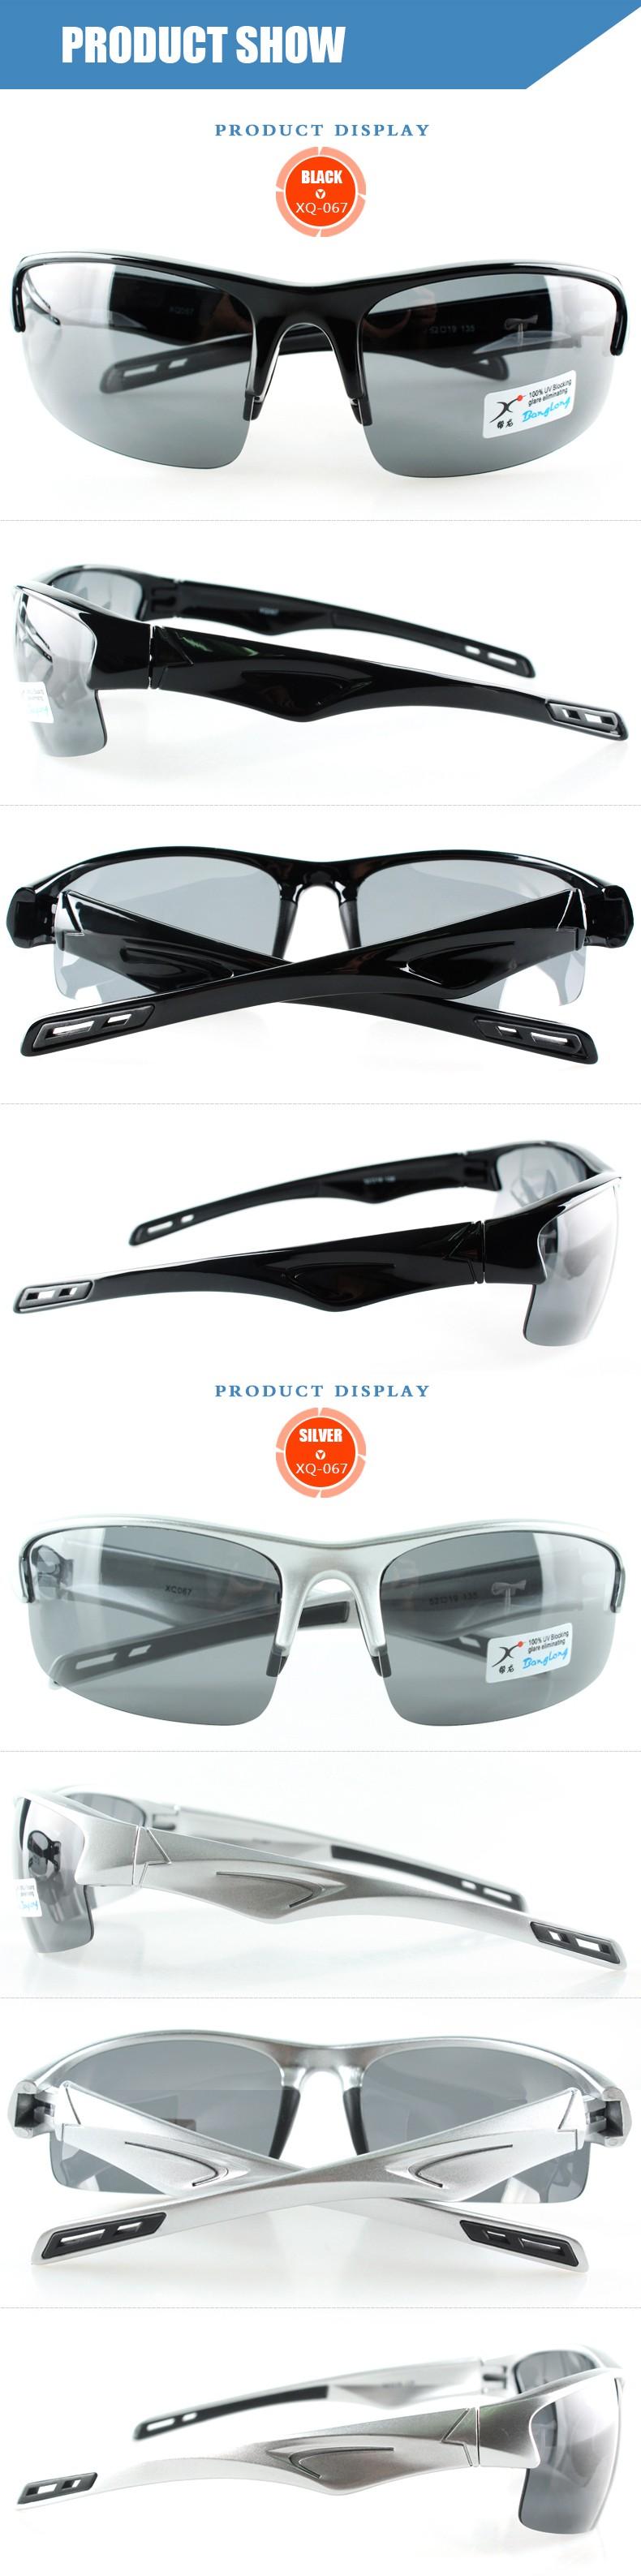 c174aed237 1 unids polarizadas Ciclismo Gafas hombres mujeres bike Bicicletas gafas  negro siliver Gafas de sol oculos ciclismo gafas deportivas fietsbril